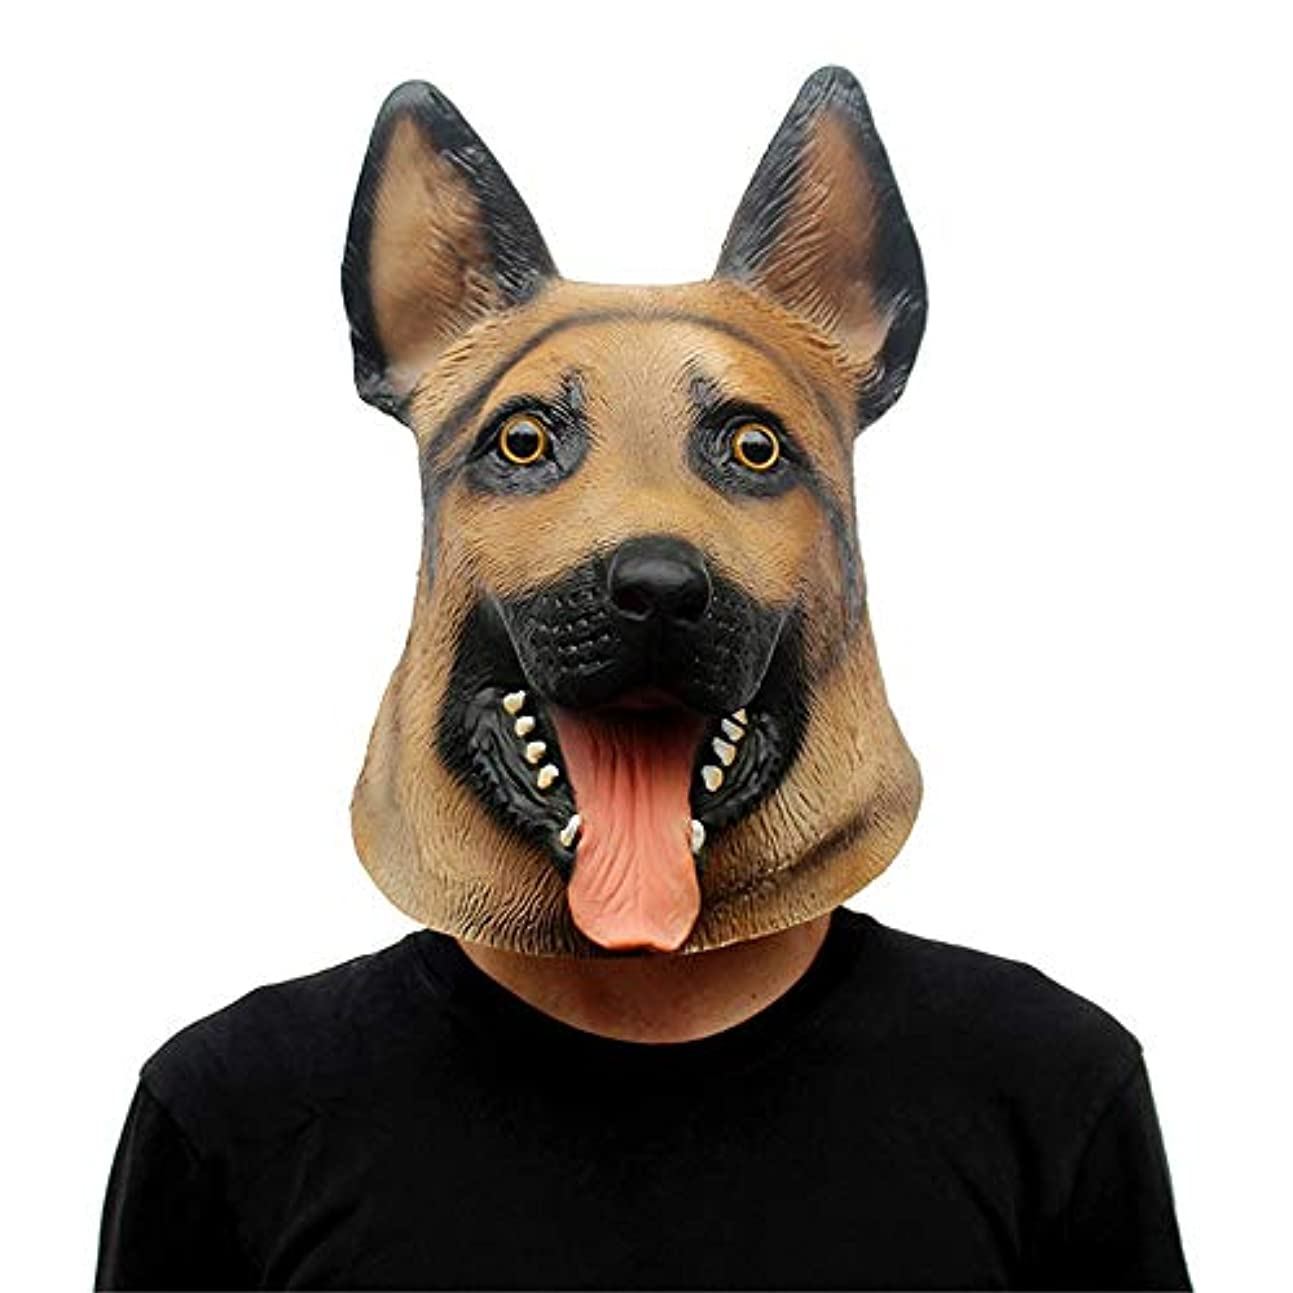 批判的無数の想像力豊かな柴犬マスクラテックスマスクハロウィンコスプレ小道具犬ヘッドマスク